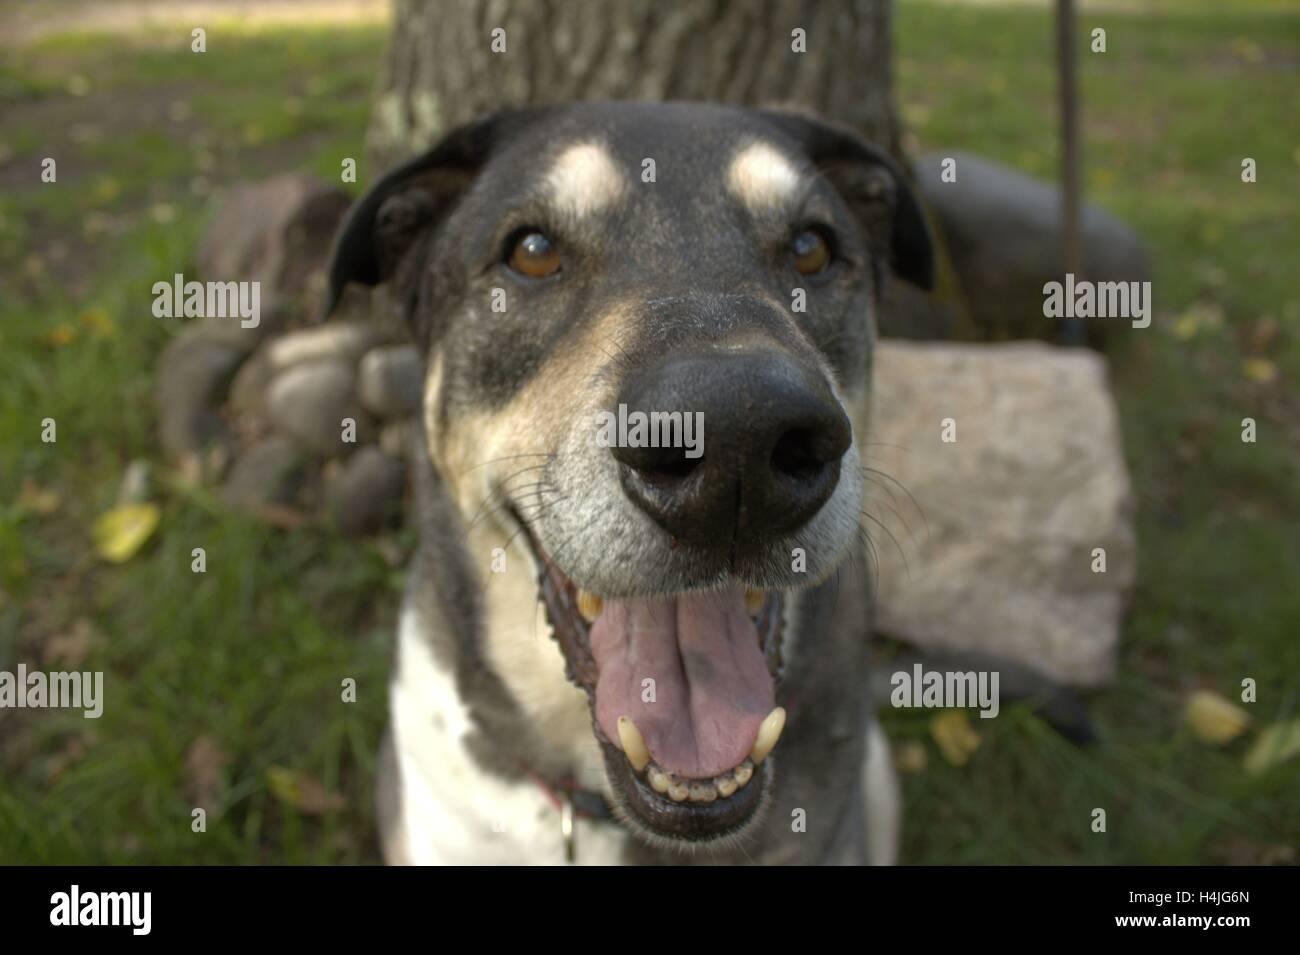 Ru Dog Laughing - Stock Image